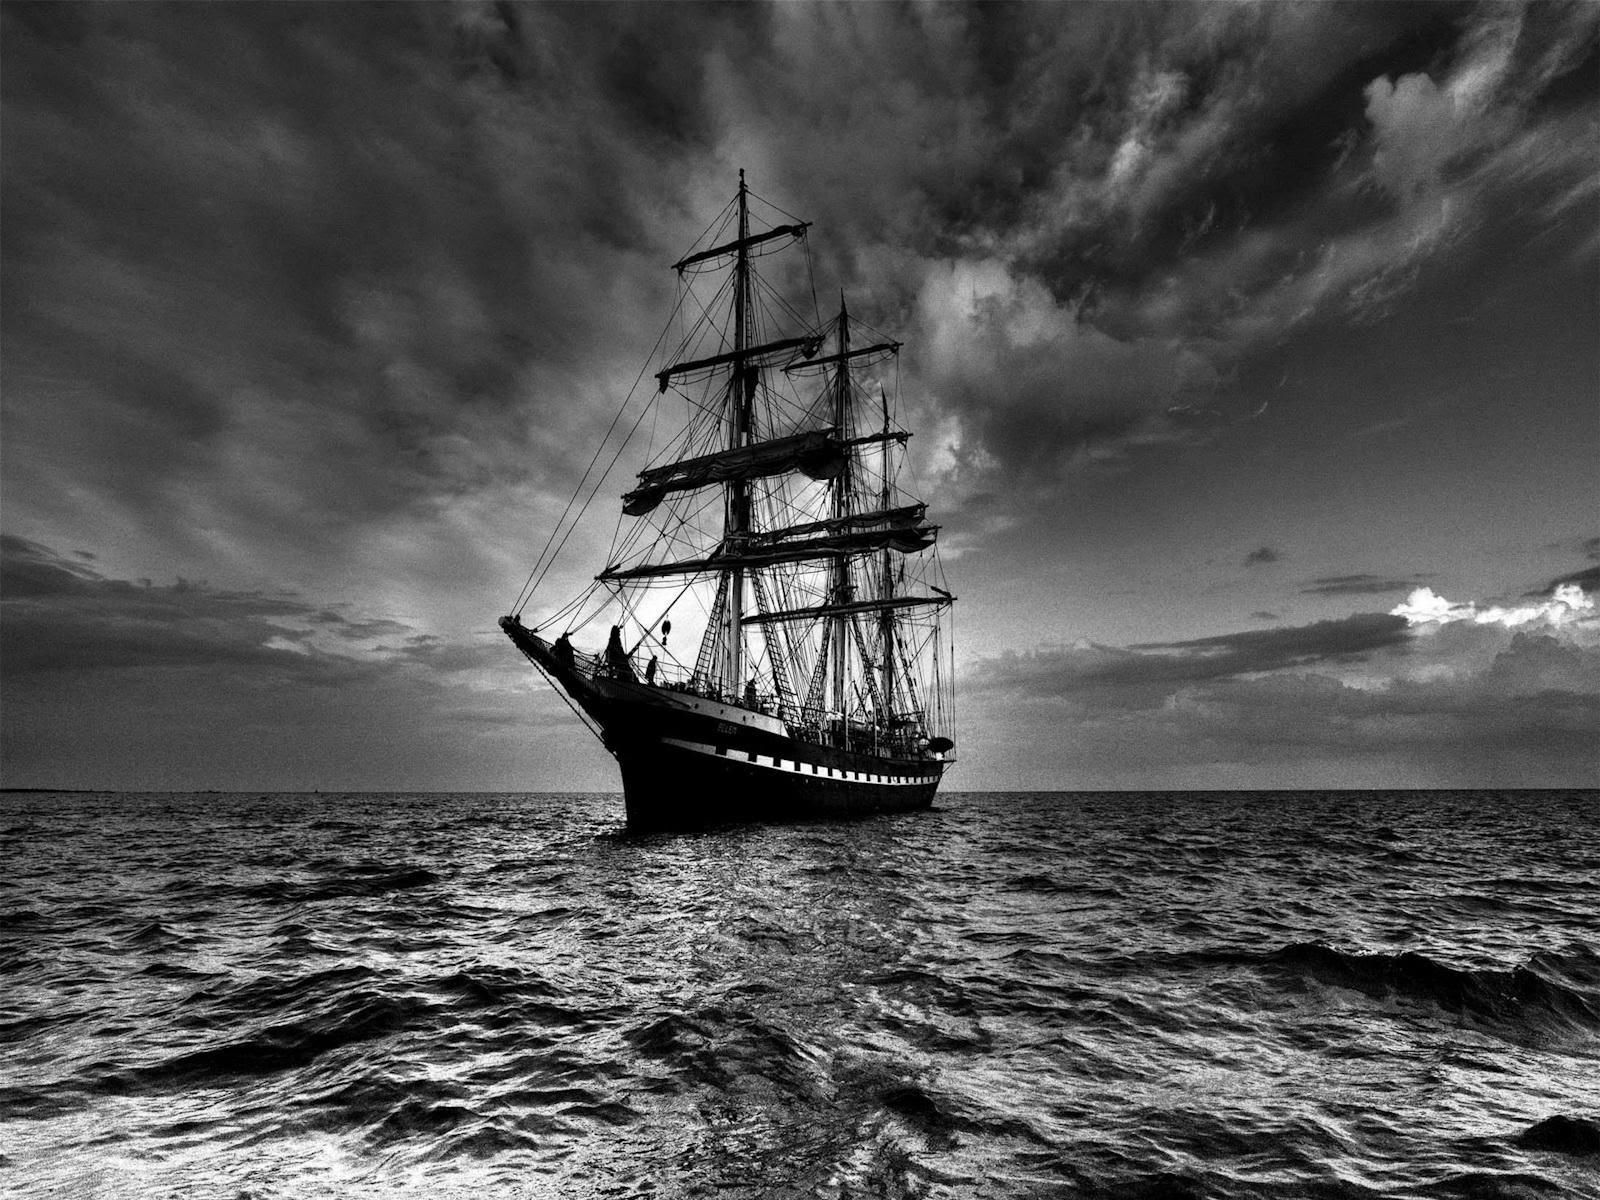 Caleuche là một trong những con tàu ma nổi tiếng nhất trong lịch sử. Nhiều người dân cho biết từng bắt gặp con tàu này xuất hiện vào mỗi đêm gần hòn đảo ngoài khơi Chile. Nó chở linh hồn của tất cả những người đã chết khi con tàu gặp tai nạn trong một đêm.